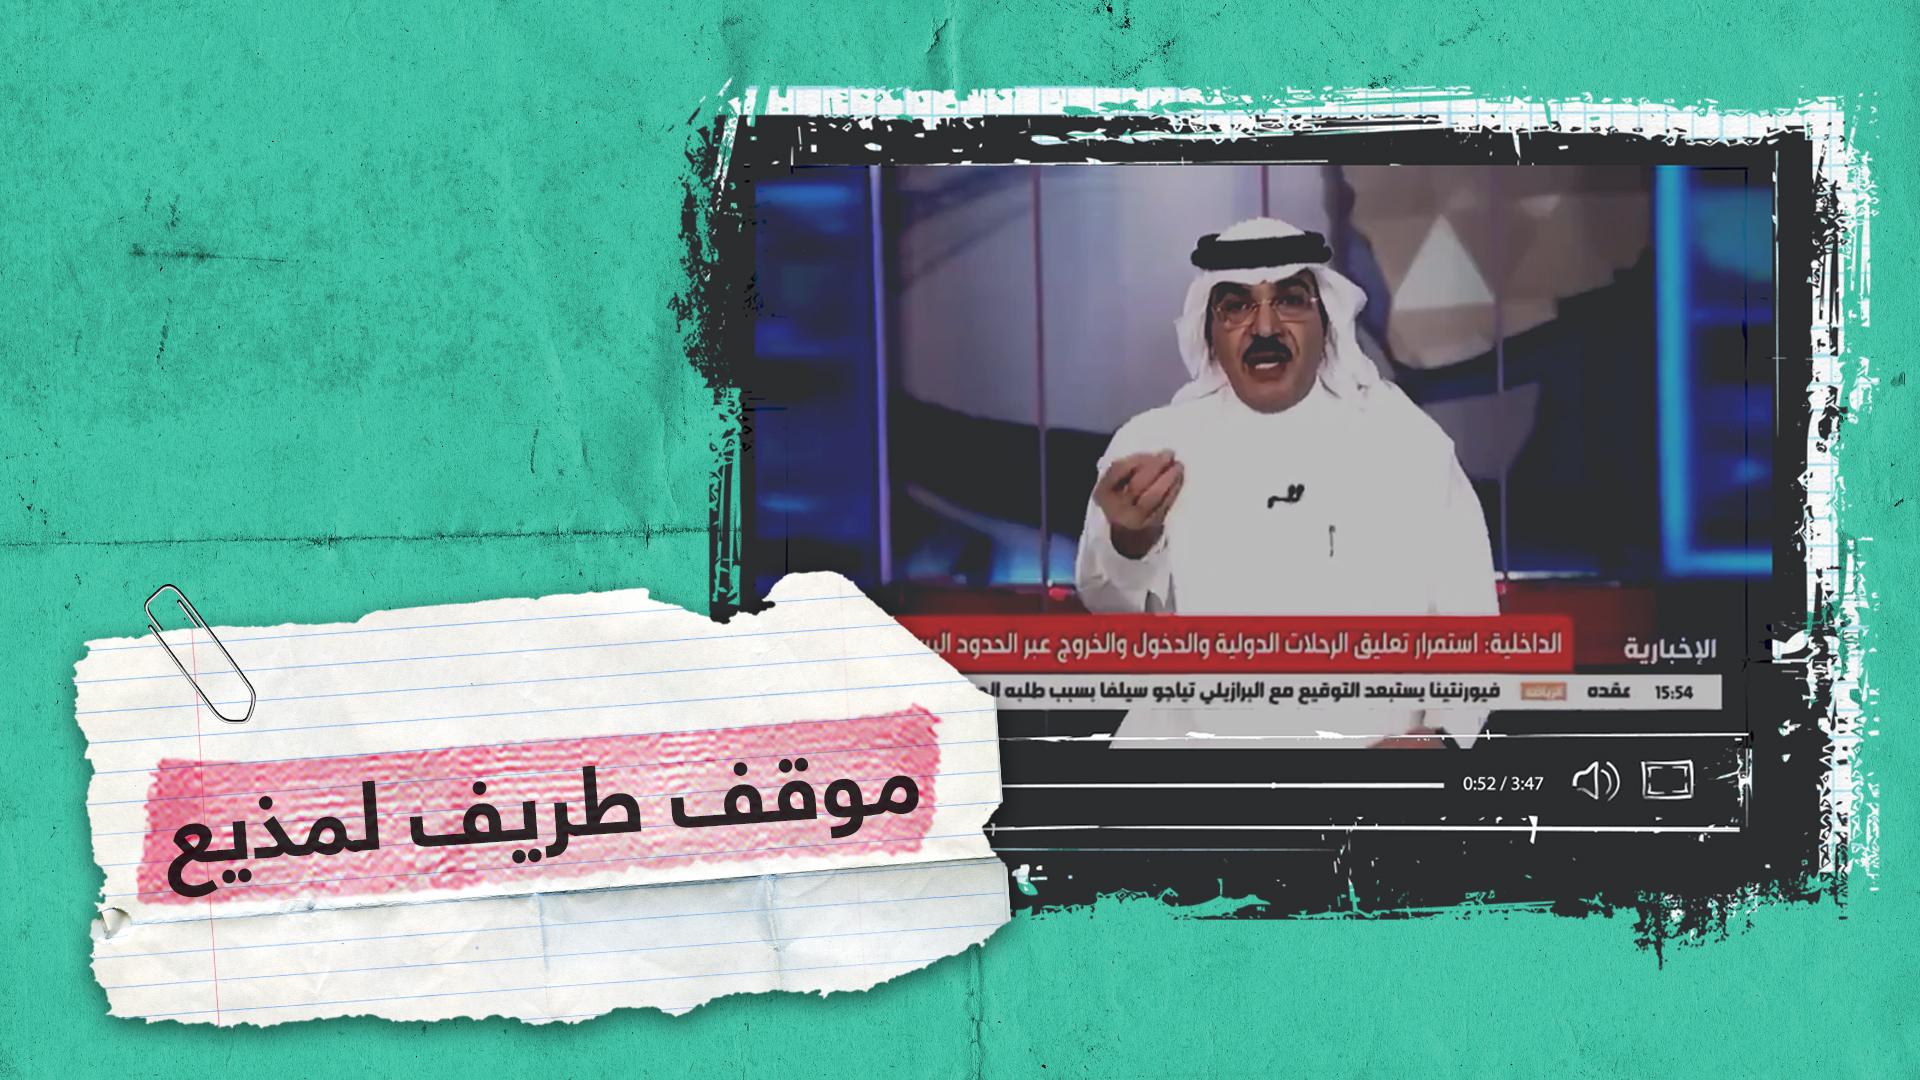 موقف طريف لمذيع سعودي يحاول اللحاق بالنص المكتوب أمامه